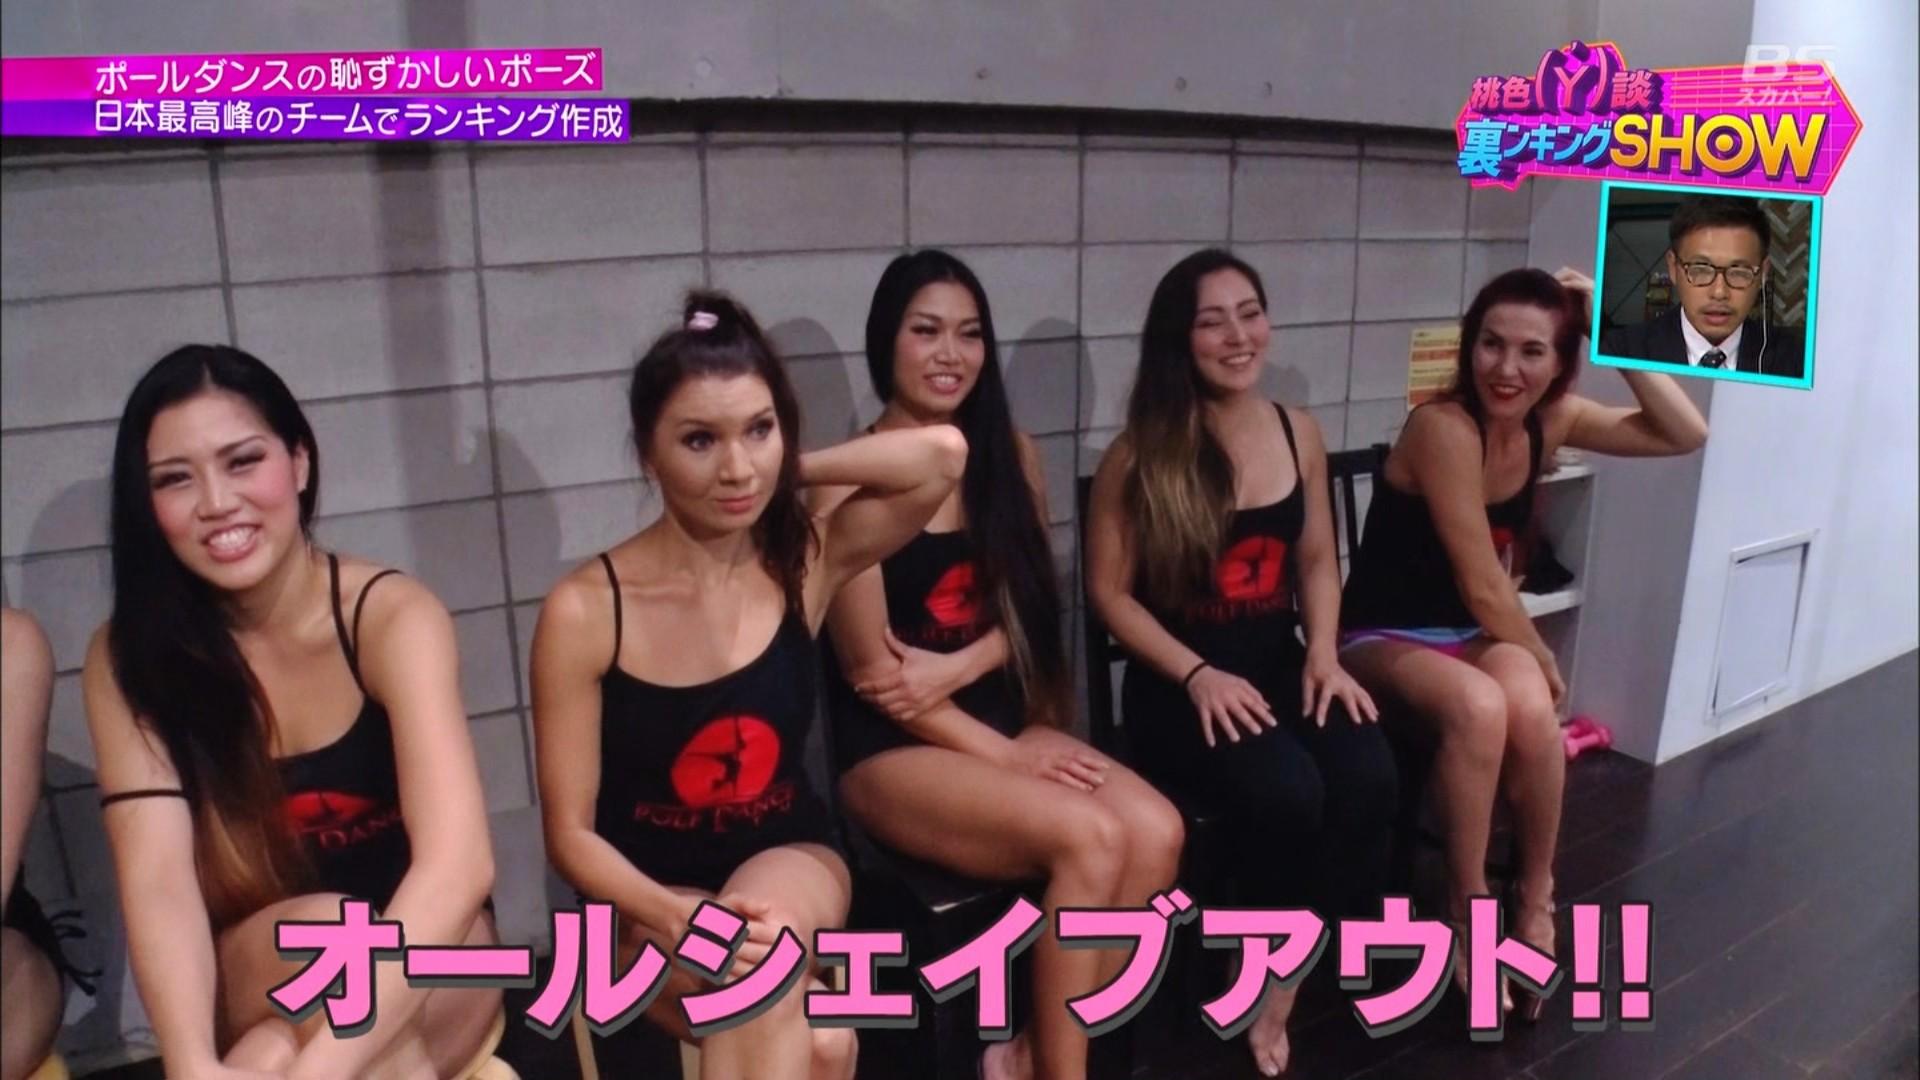 桃色Y談裏ンキングSHOW♯1のテレビキャプチャー画像-026